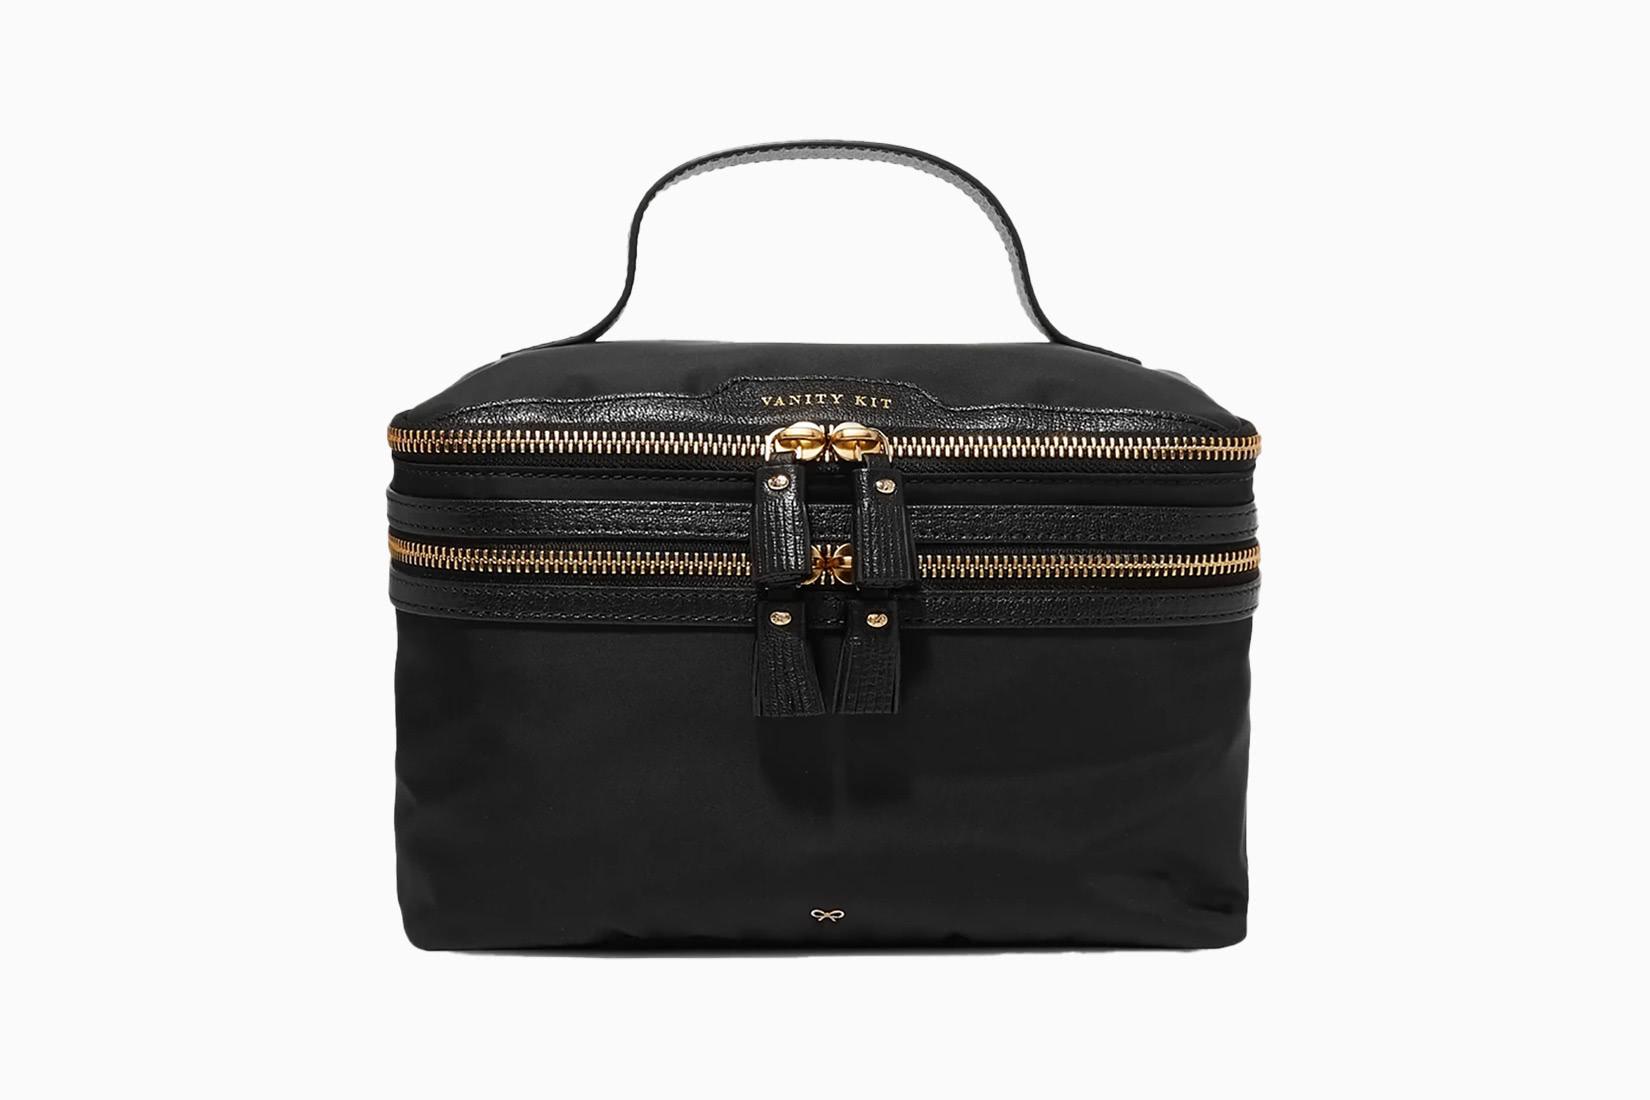 best toiletry bags women anya hindmarch vanity kit luxe digital